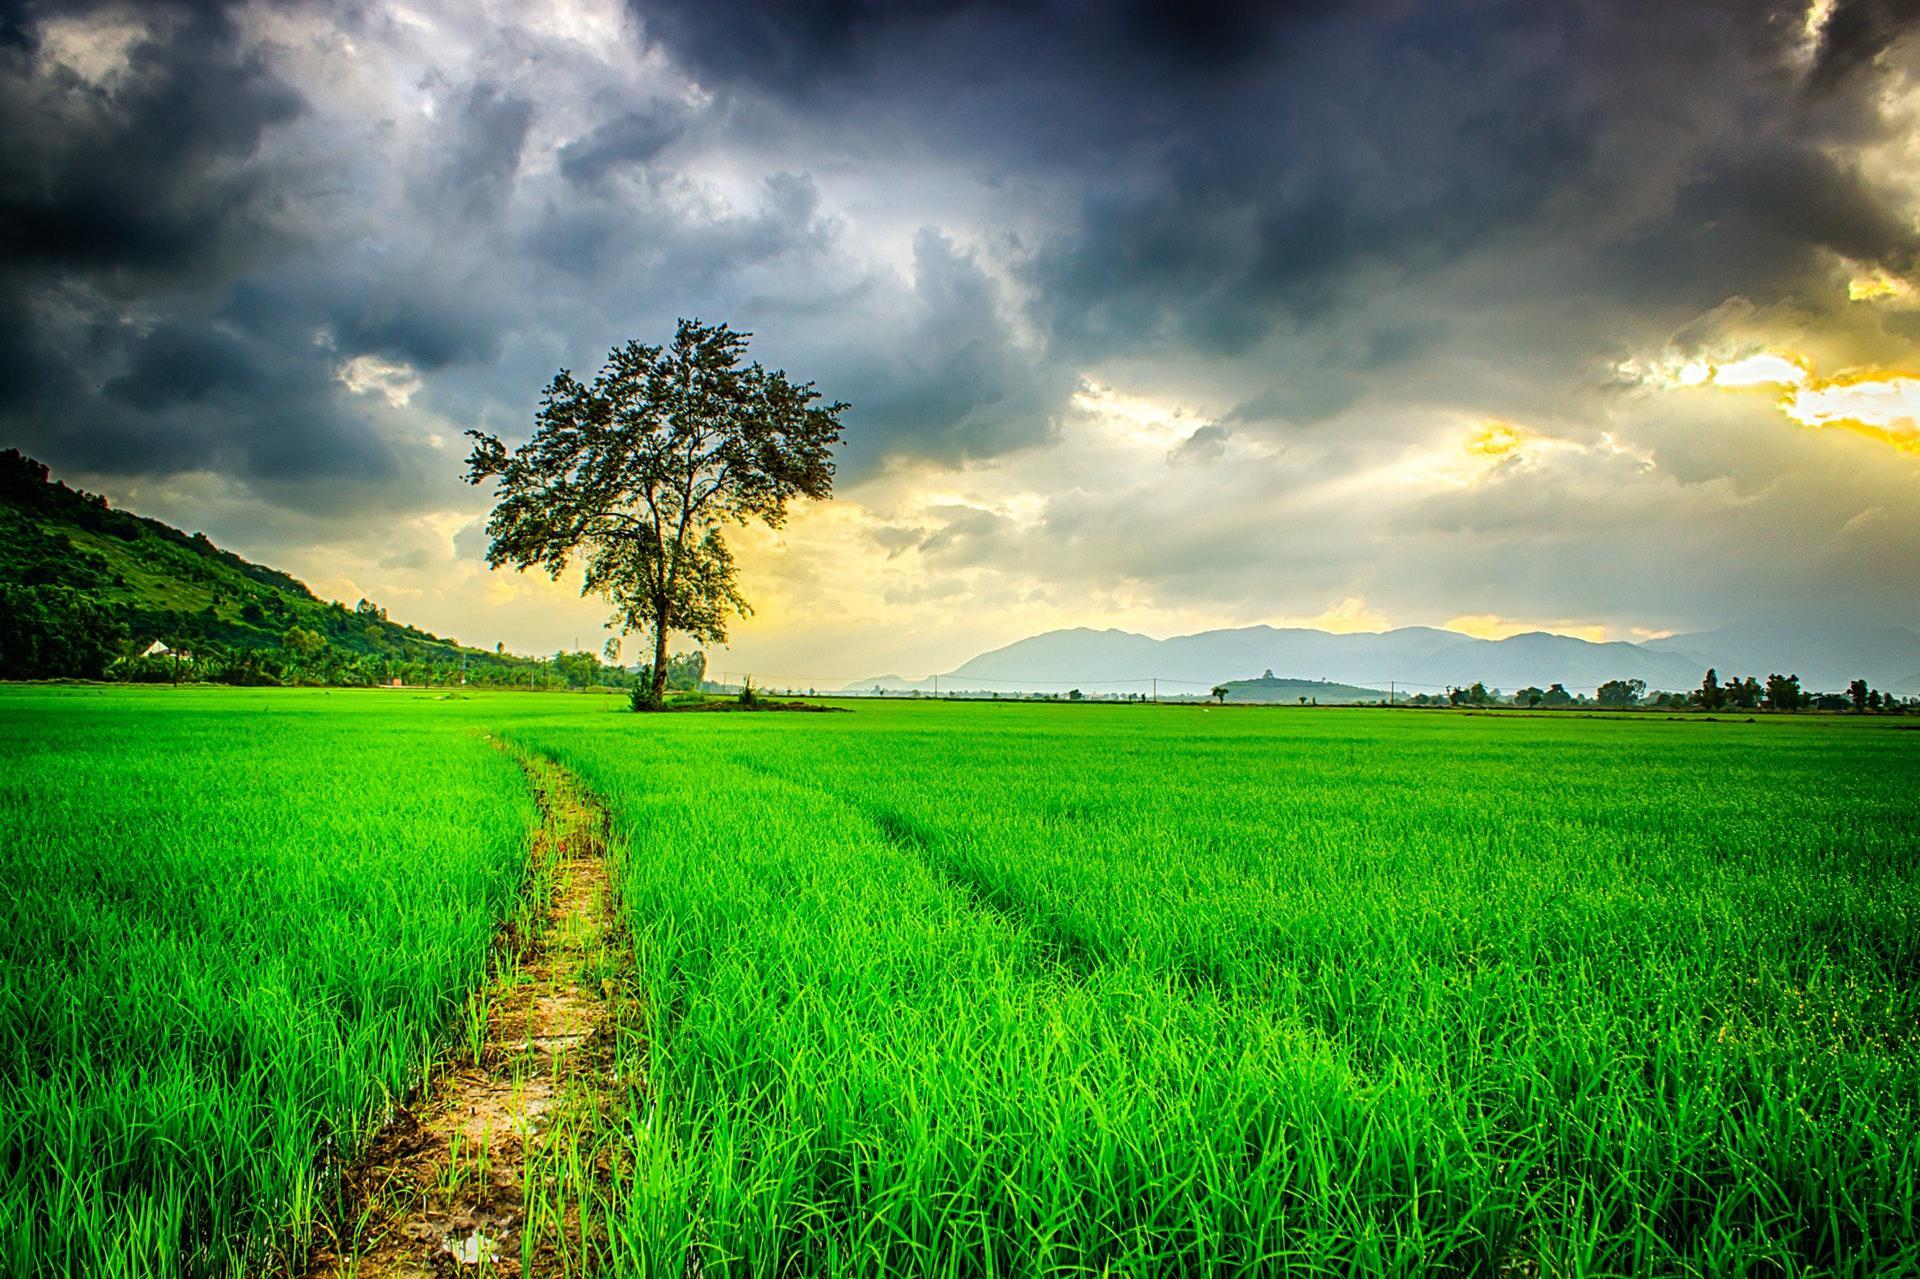 عکس زمینه جاده ای در مزرعه سبز با آسمان ابری پس زمینه